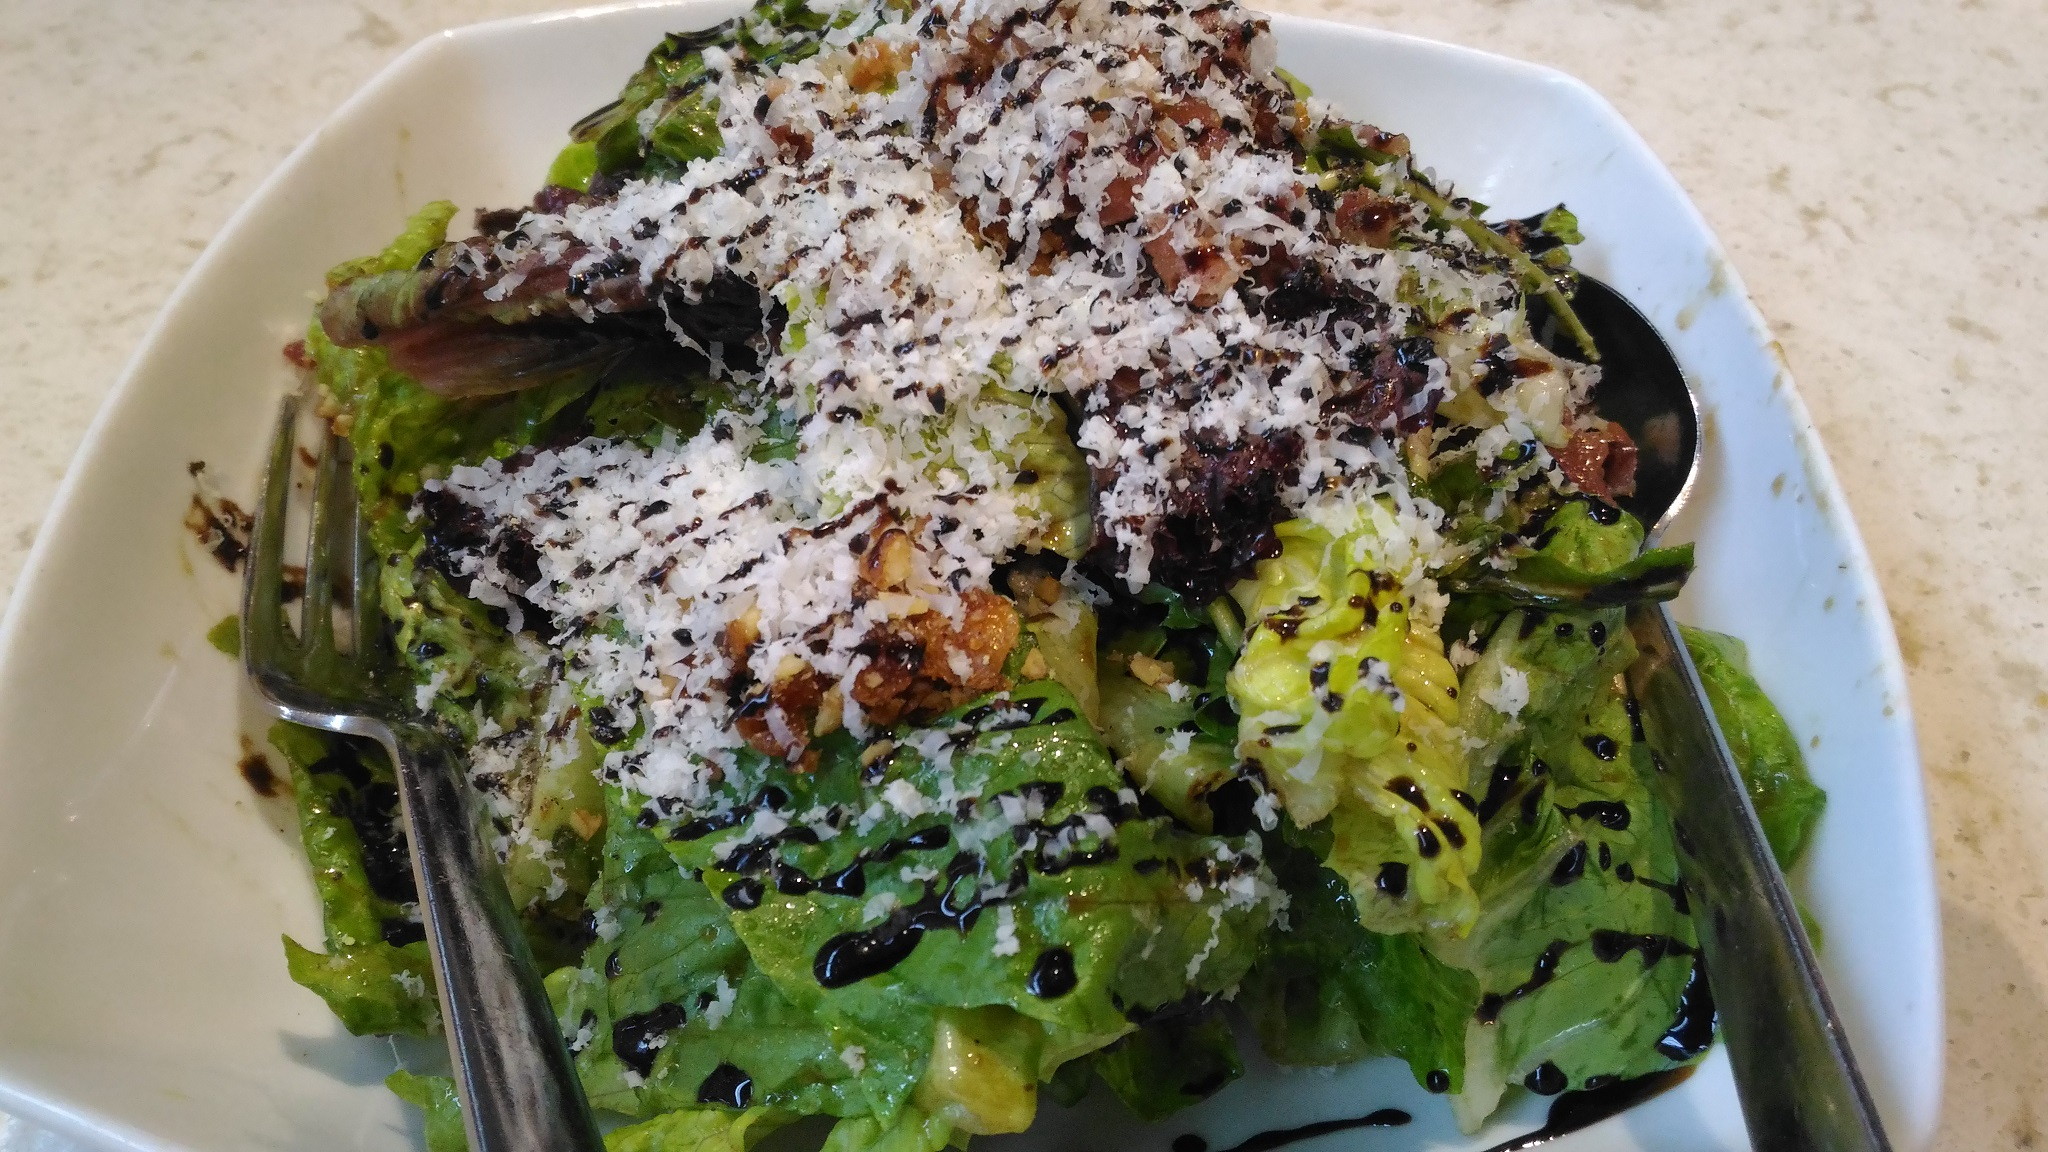 Kettle_salad